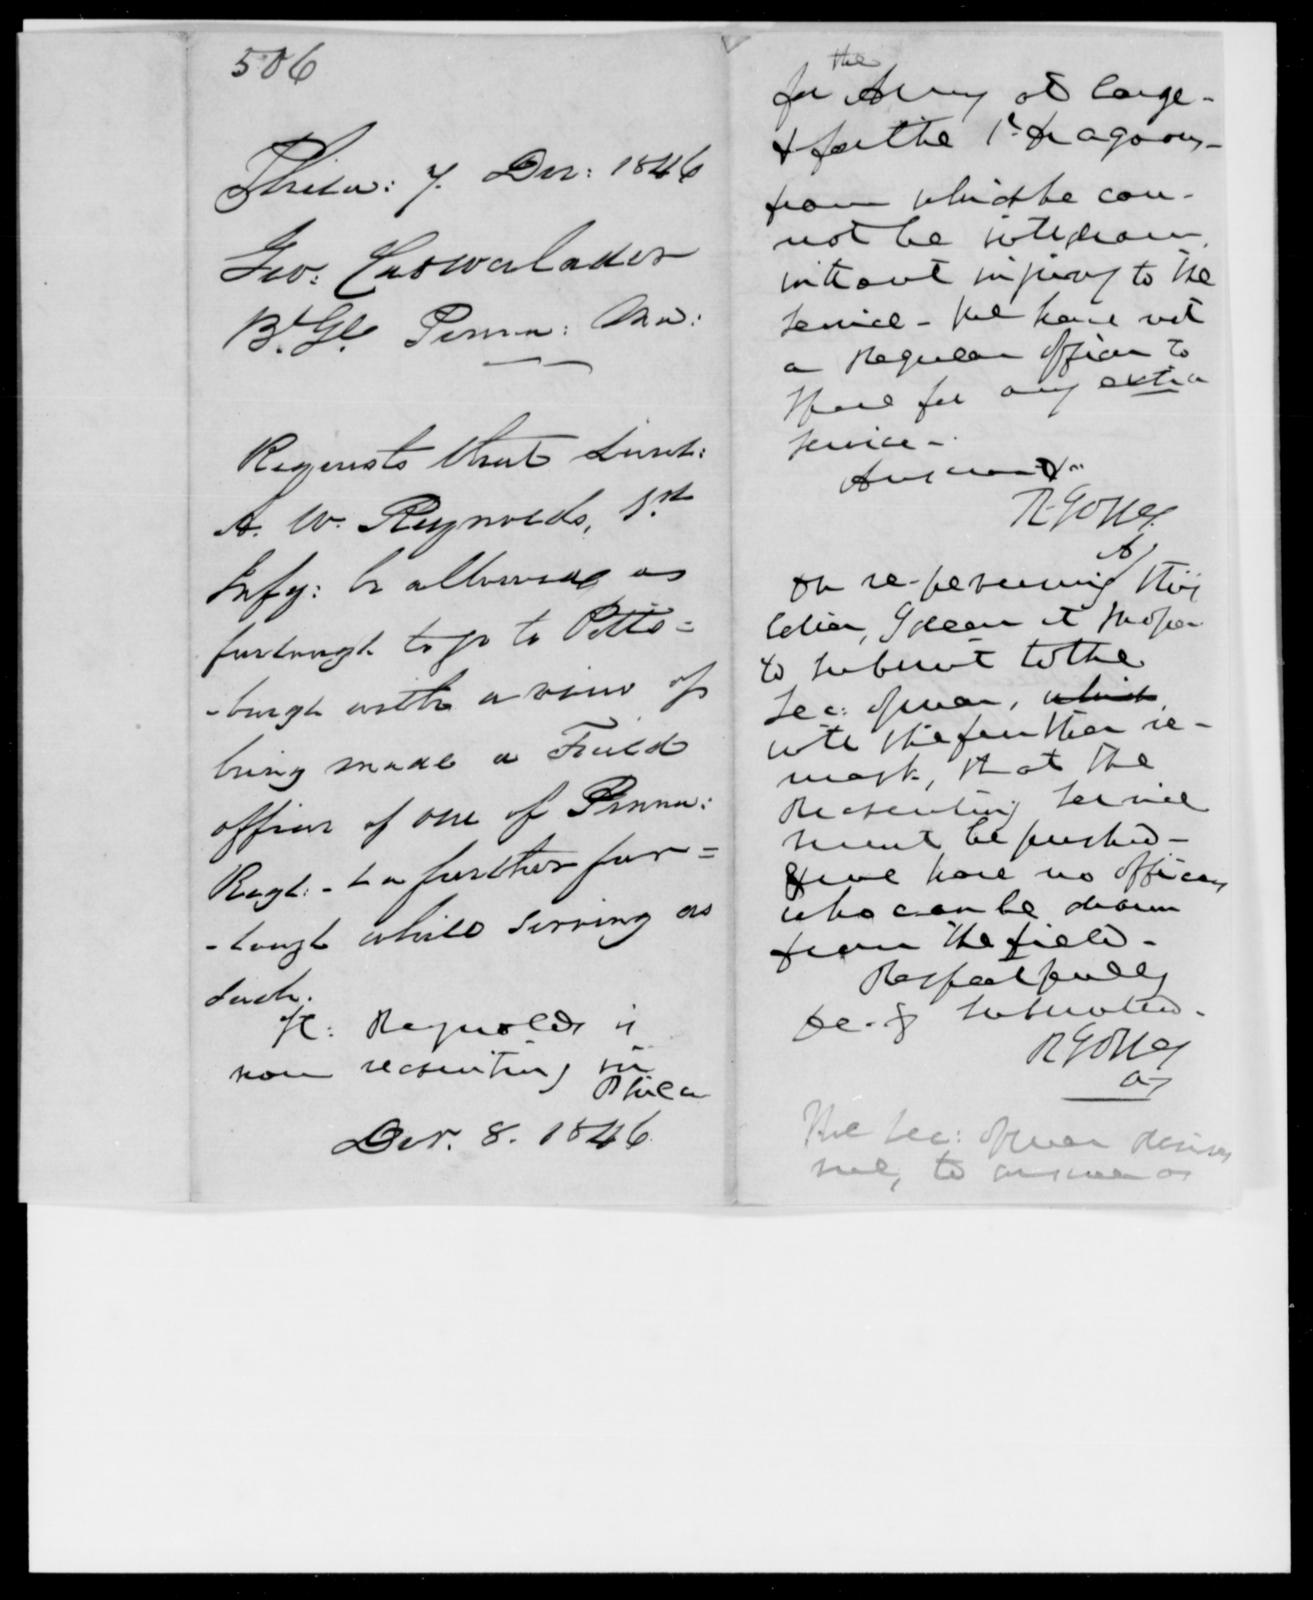 Crowalander, Geo - State: [Blank] - Year: 1846 - File Number: C506